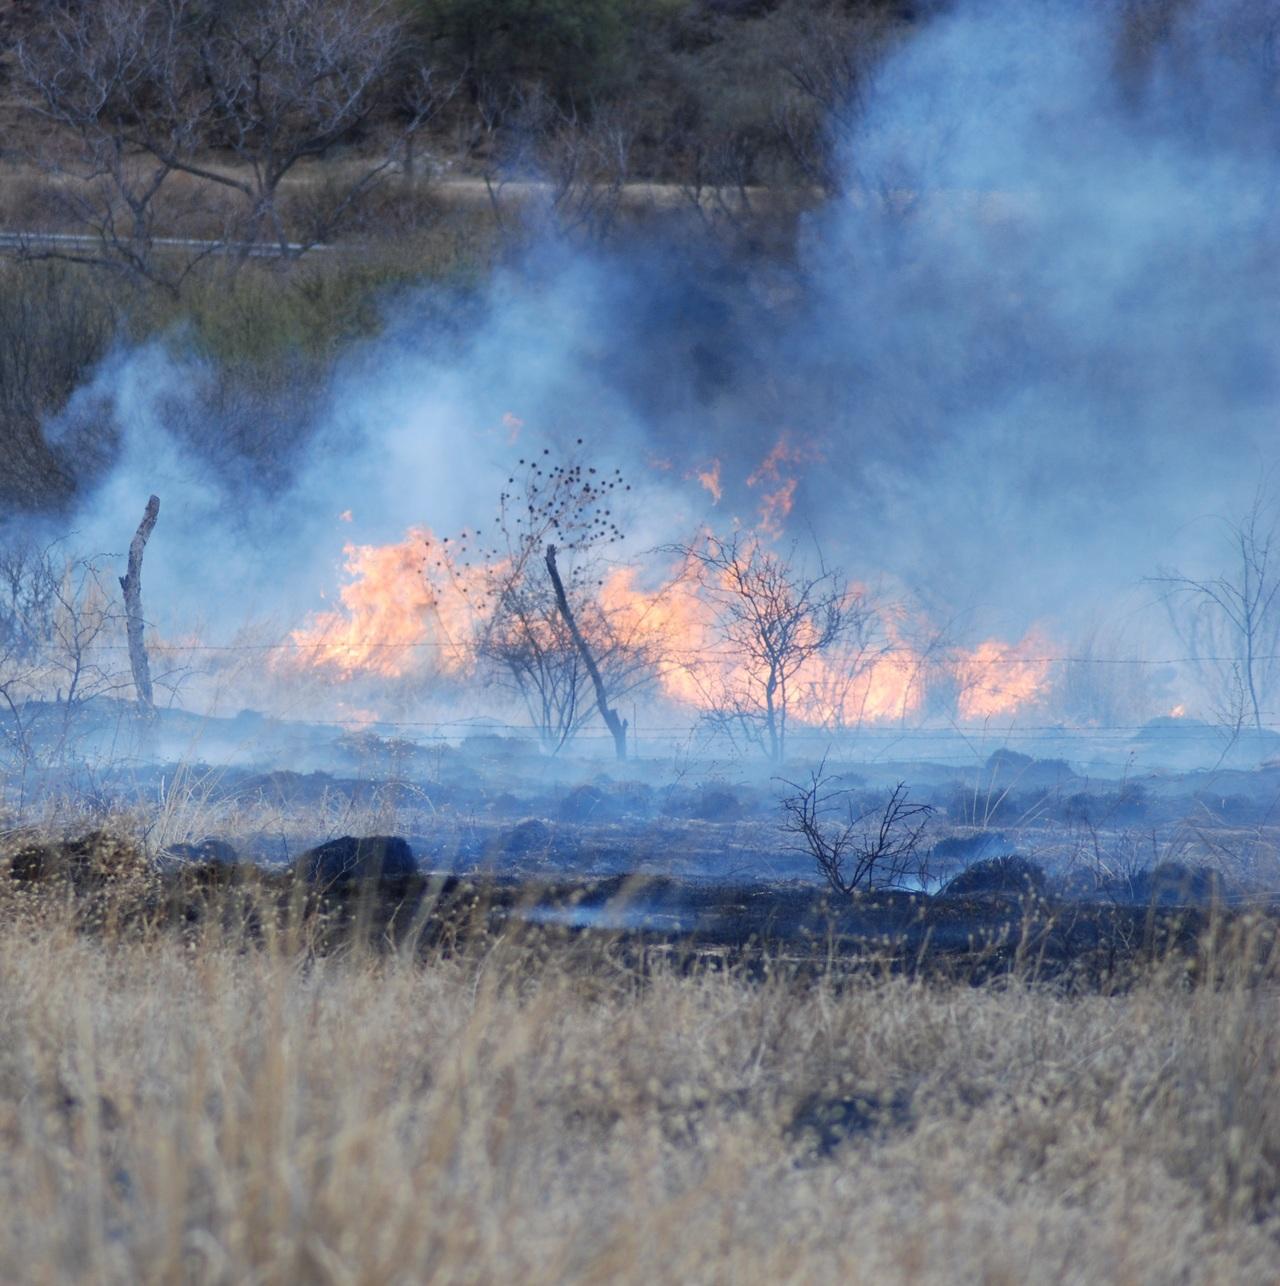 Se han registrado 6 incendios forestales